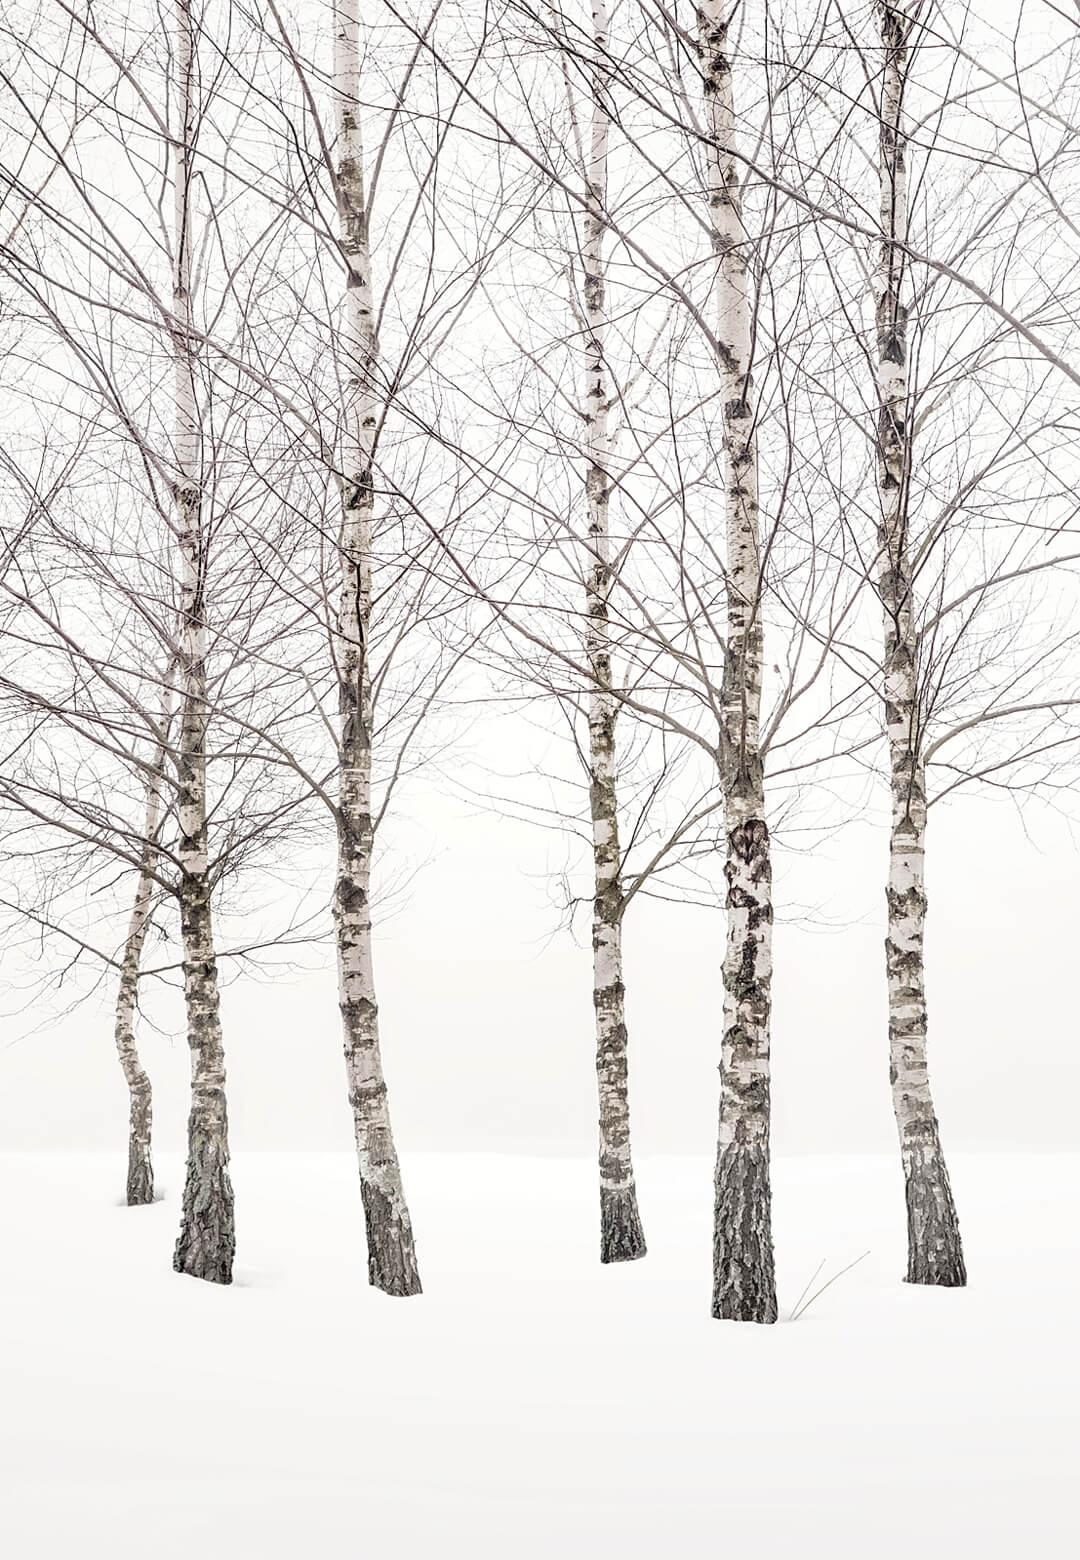 Birches | Uwe Langmann| STIRworld